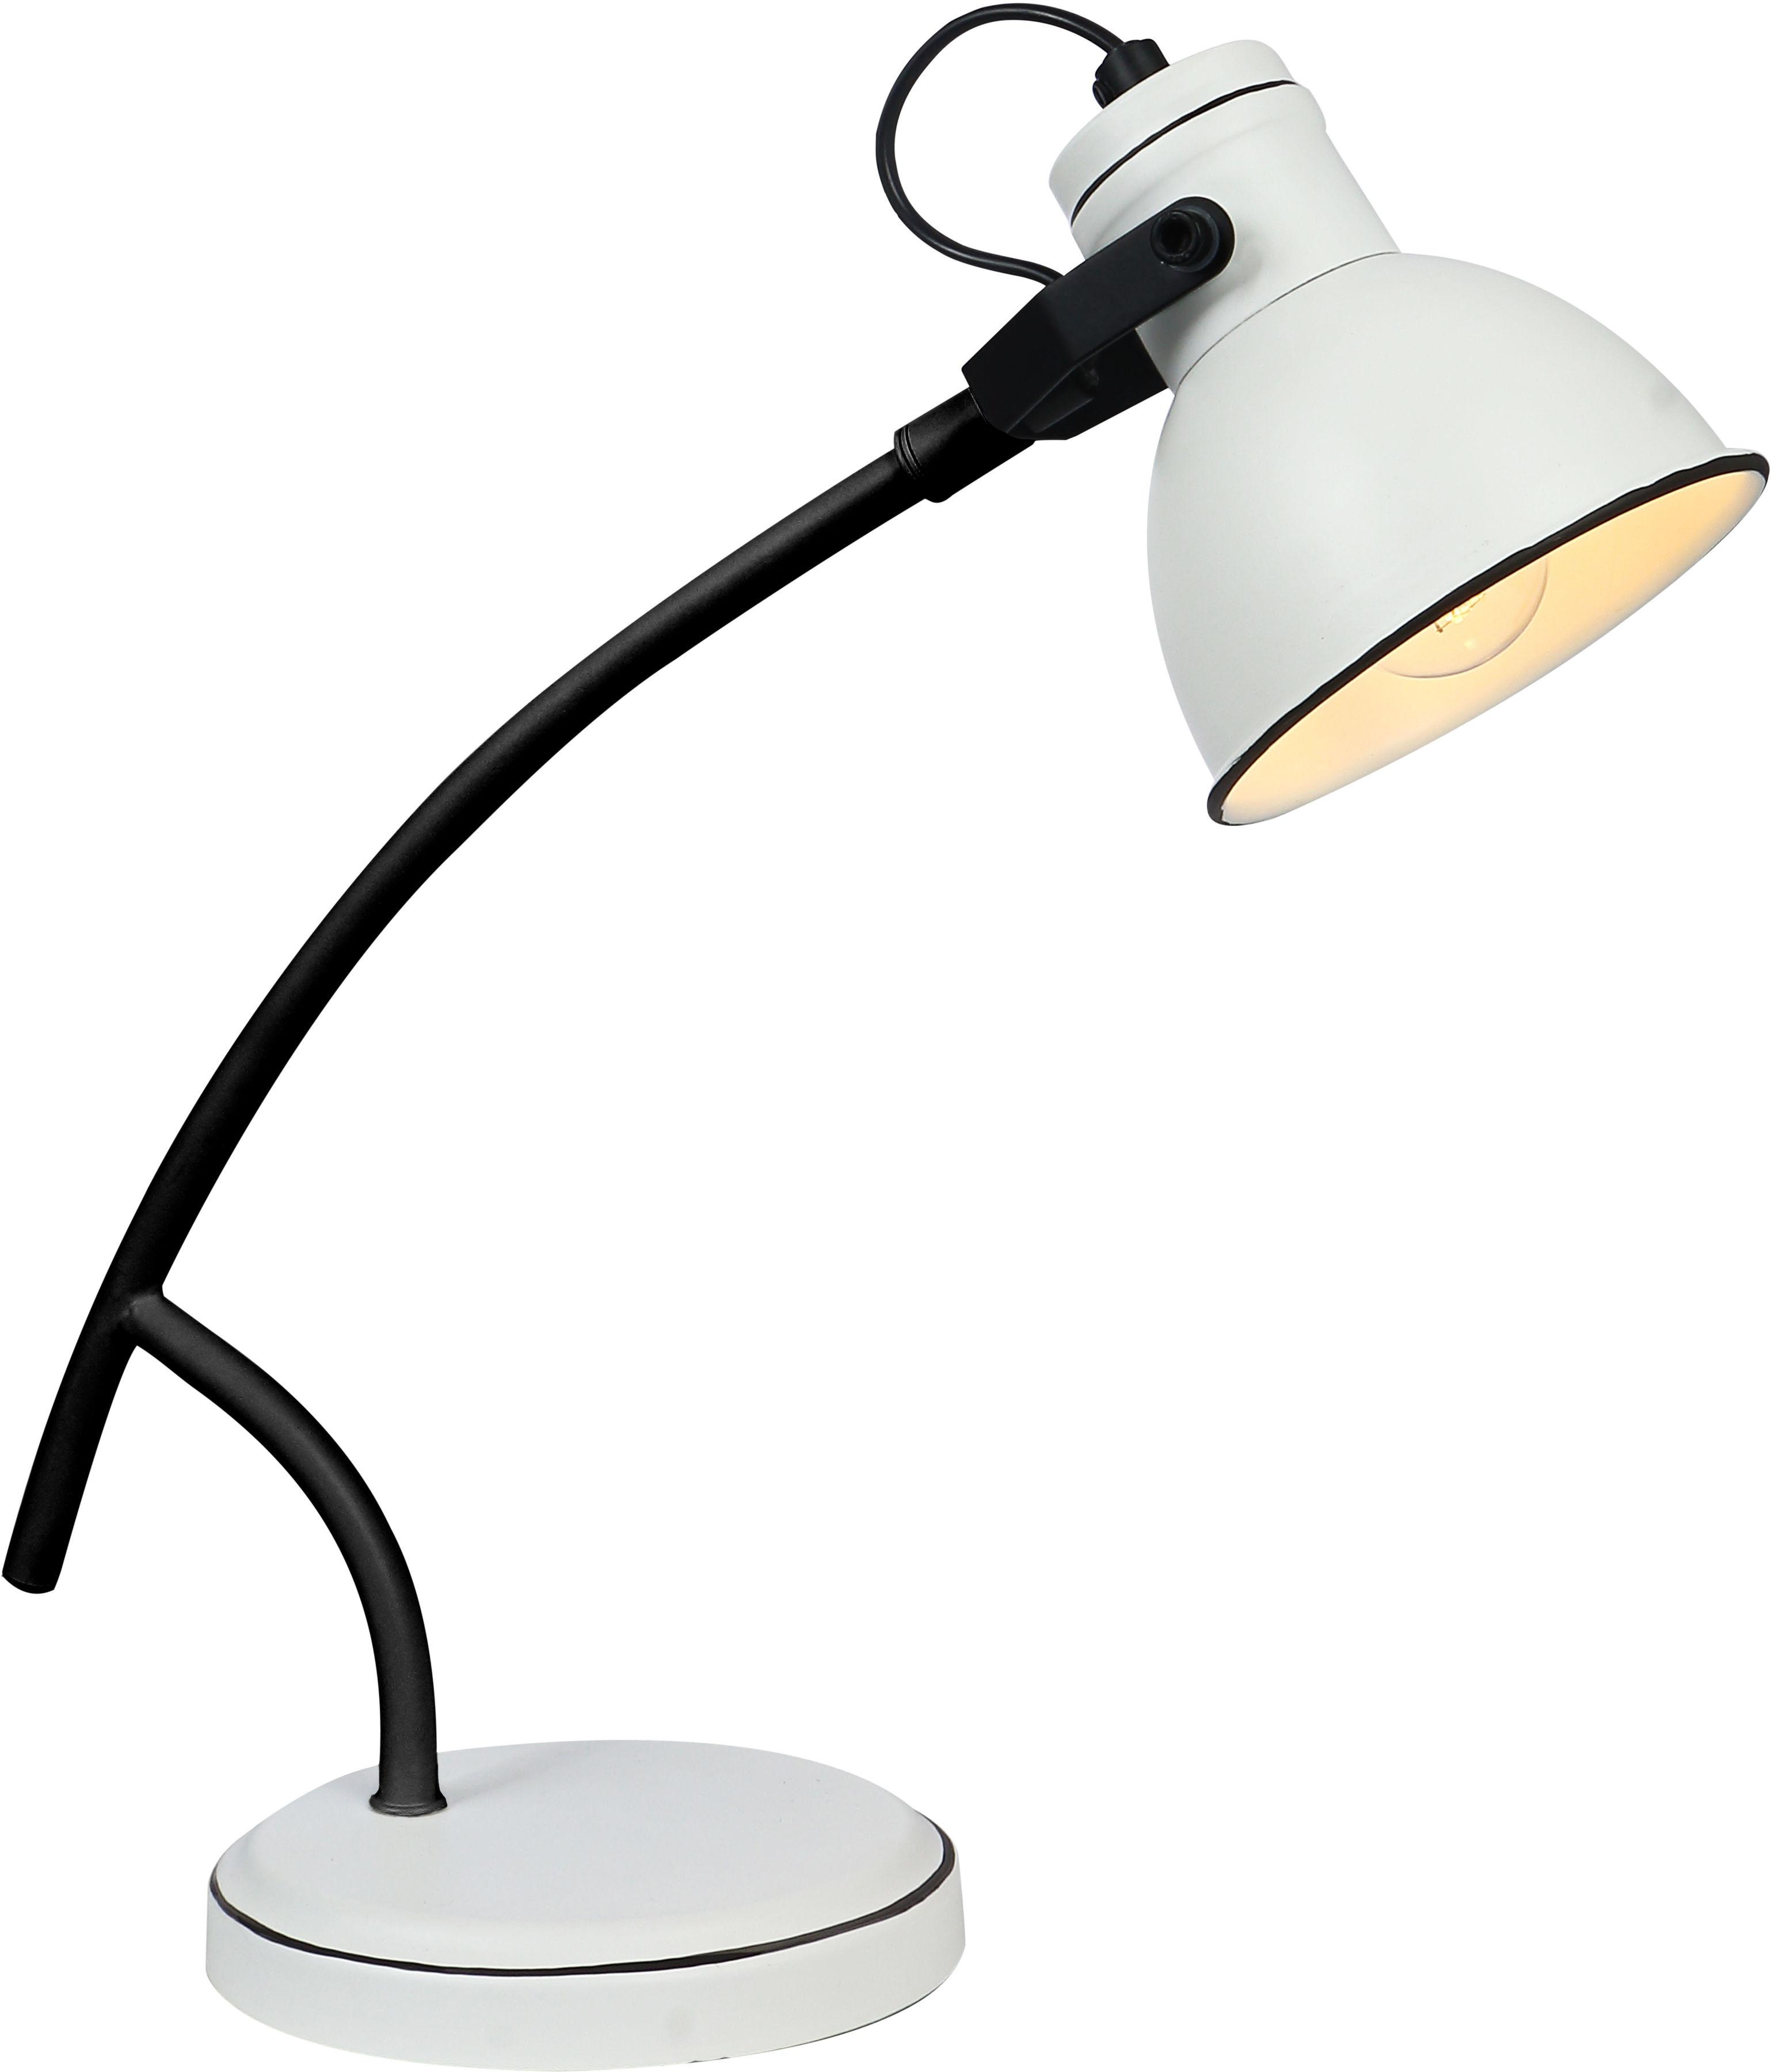 Candellux ZUMBA 41-72085 lampa stołowa gabinetowa czarny + biały 1X40W E14